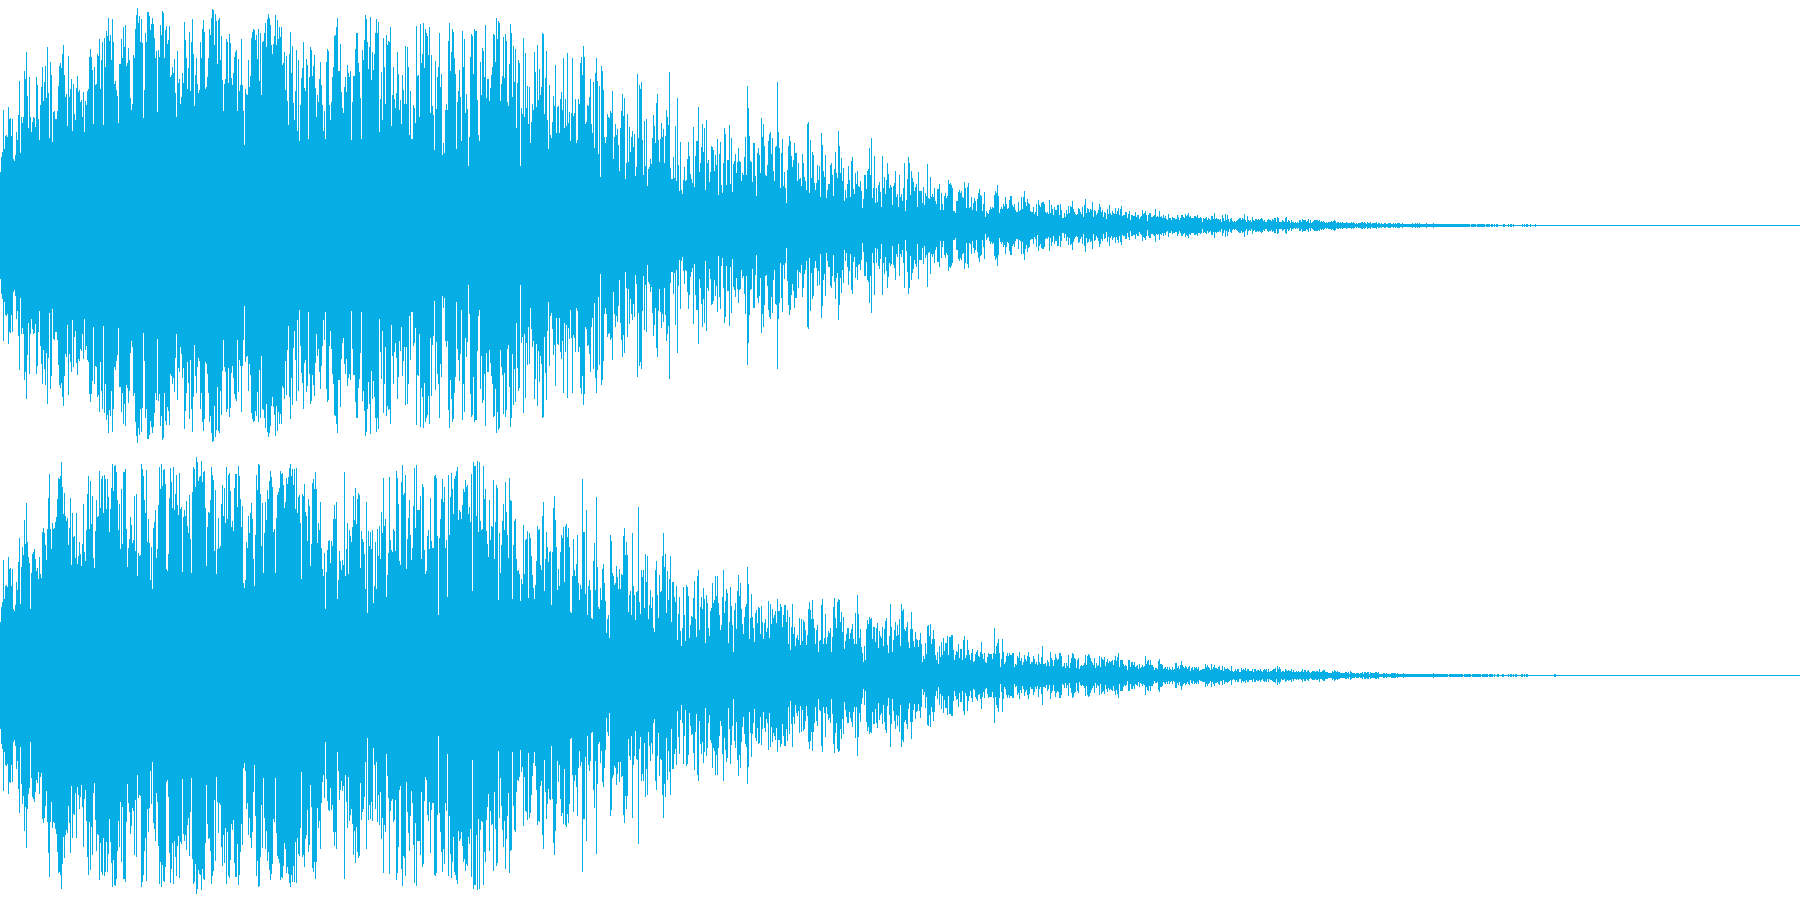 恐怖、驚きの印象付け効果(インパクト音)の再生済みの波形